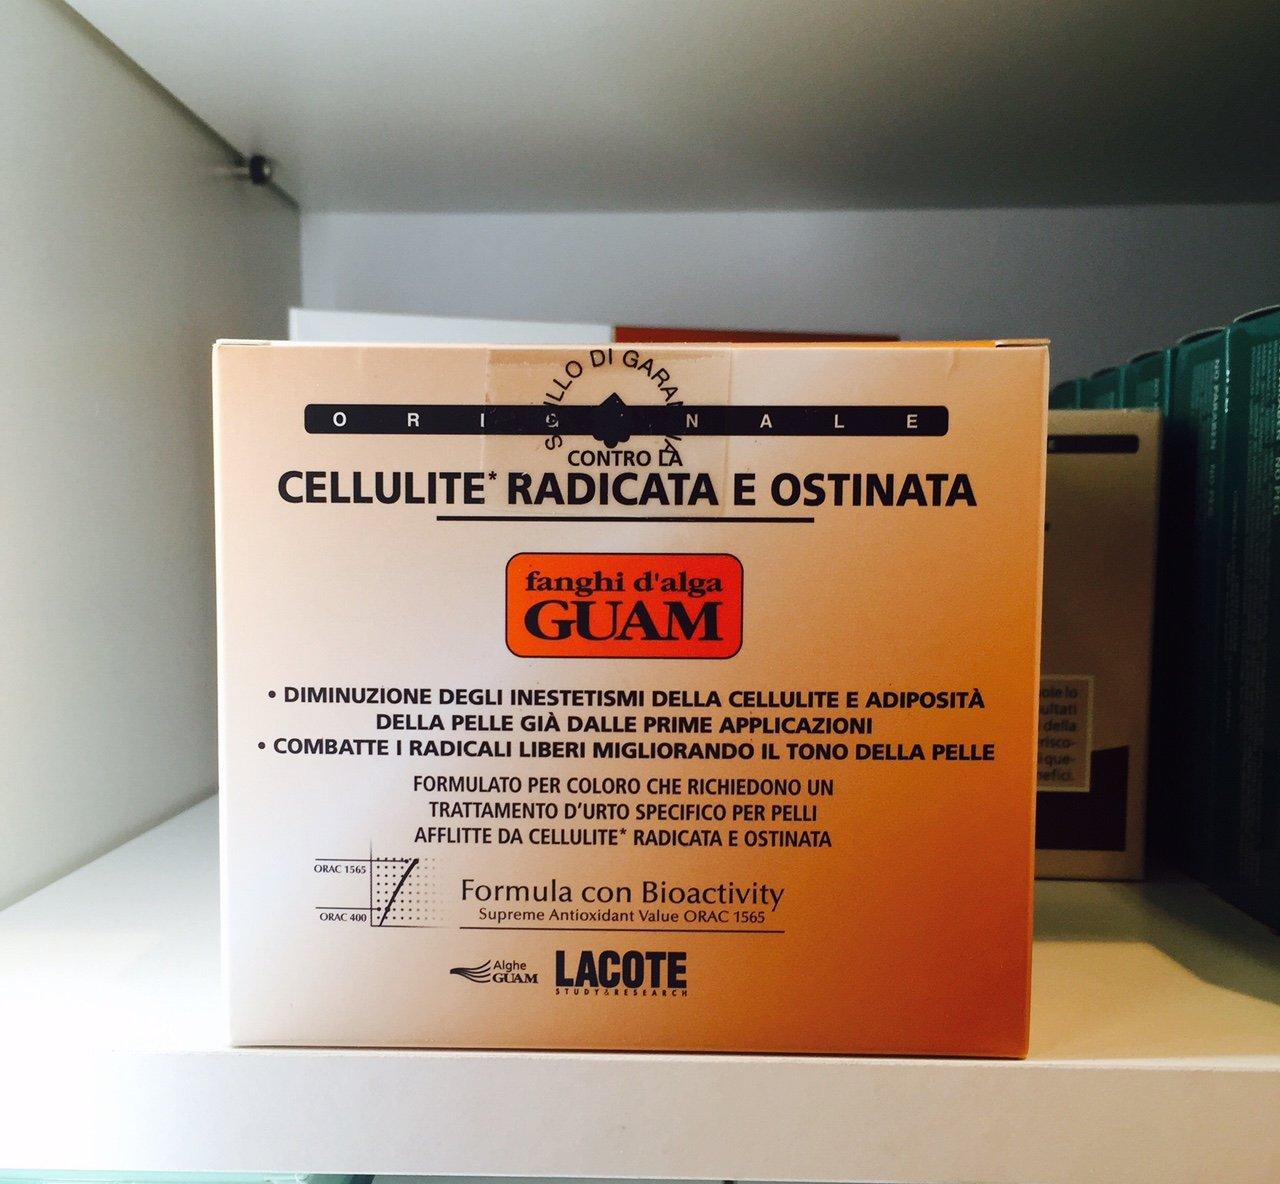 Foto del prodotto anticellulite di Guam